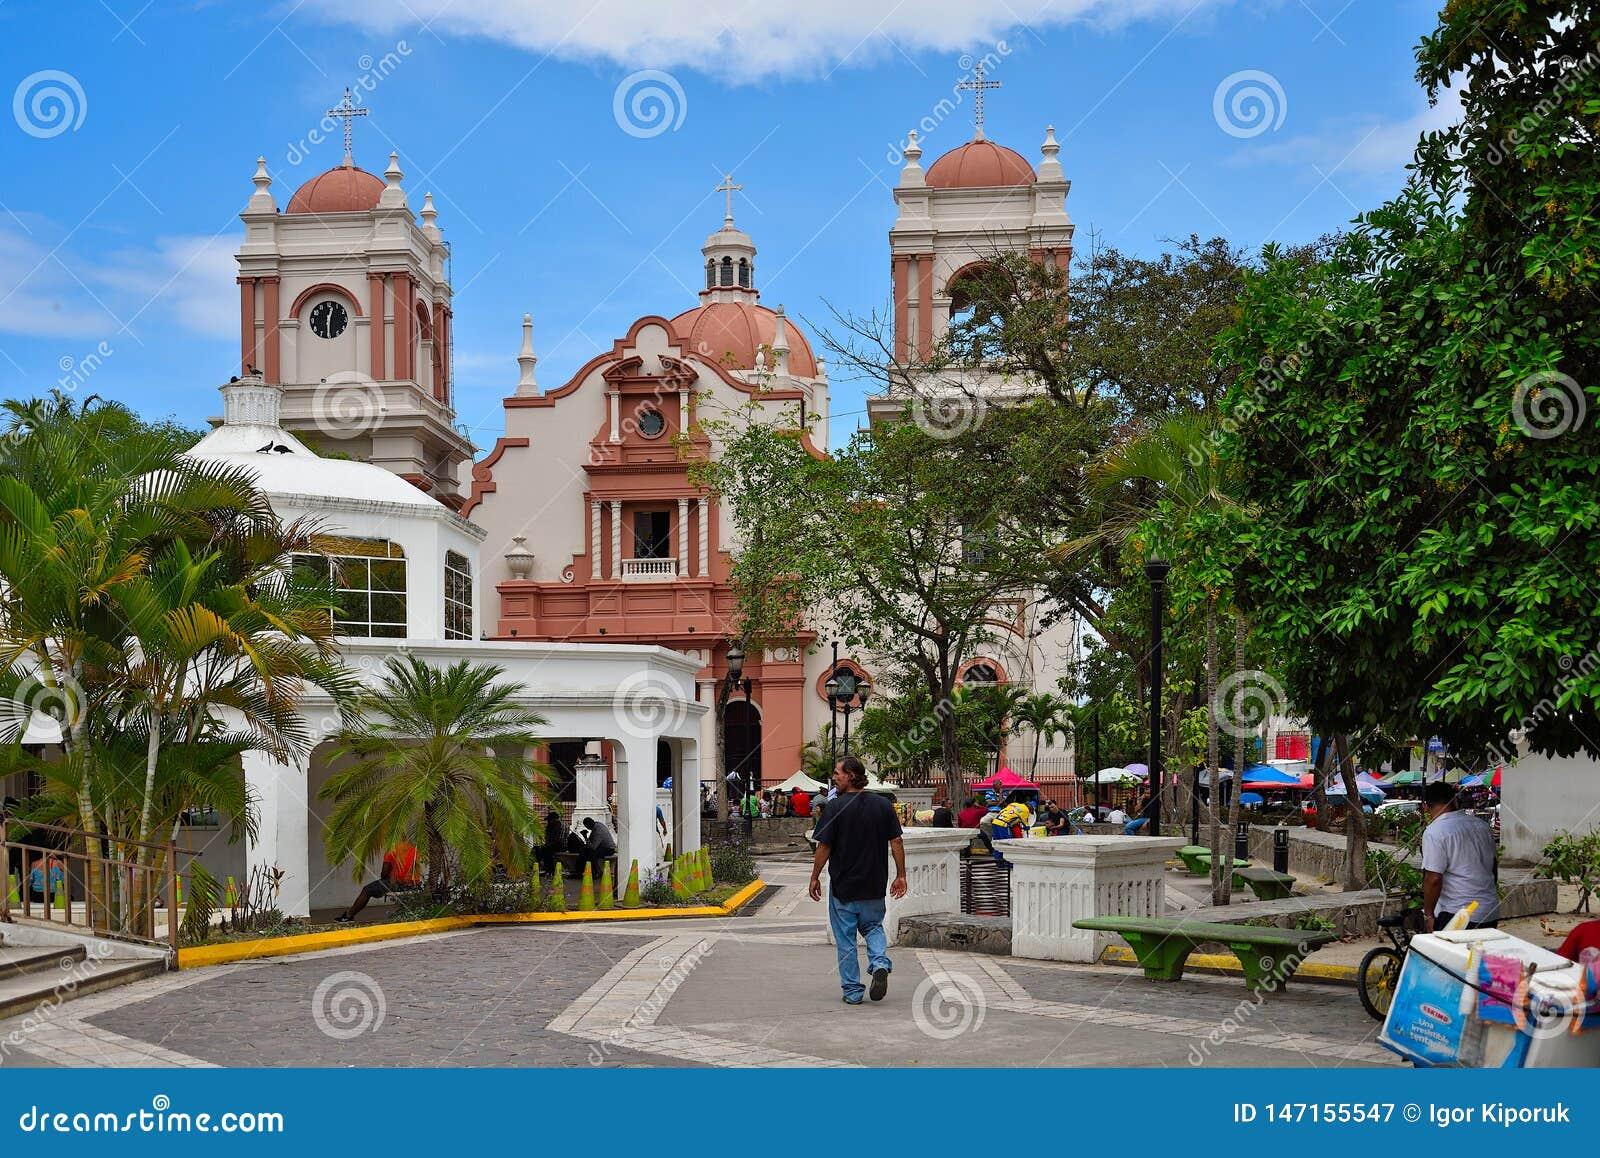 Sula de San Pedro honduras